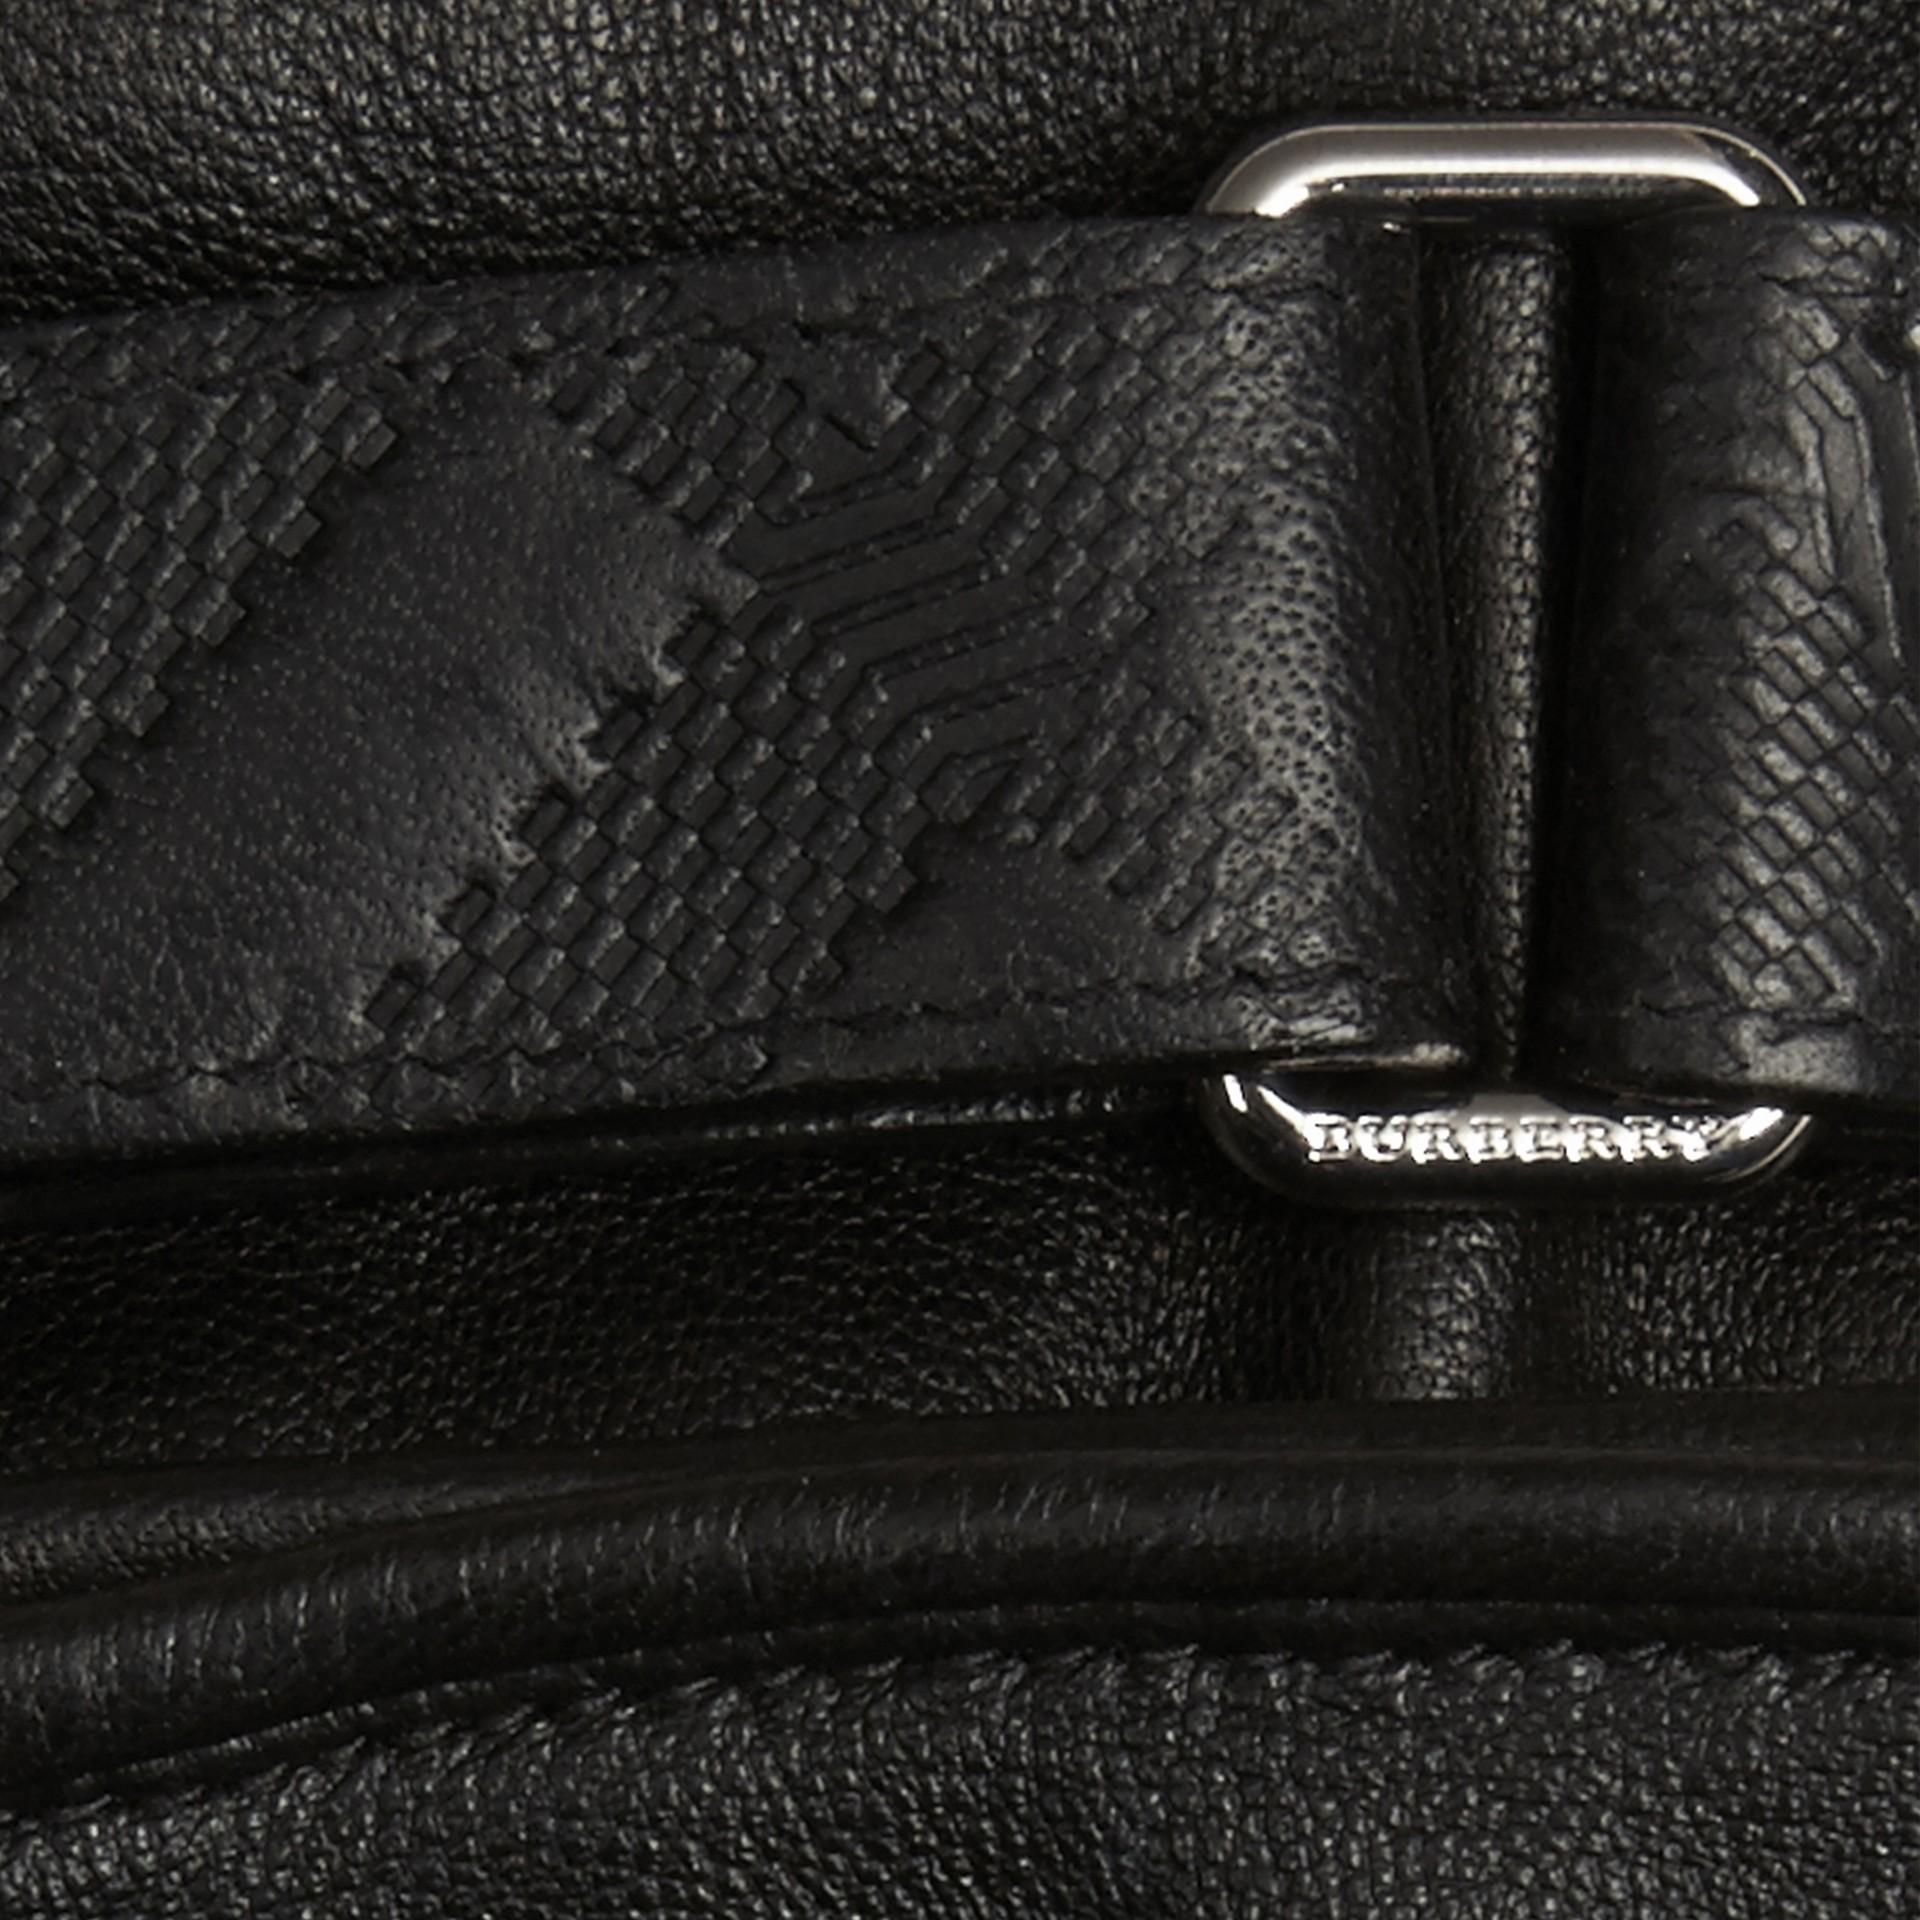 Schwarz Touchscreen-Handschuhe aus Leder mit Check-Prägung - Galerie-Bild 2